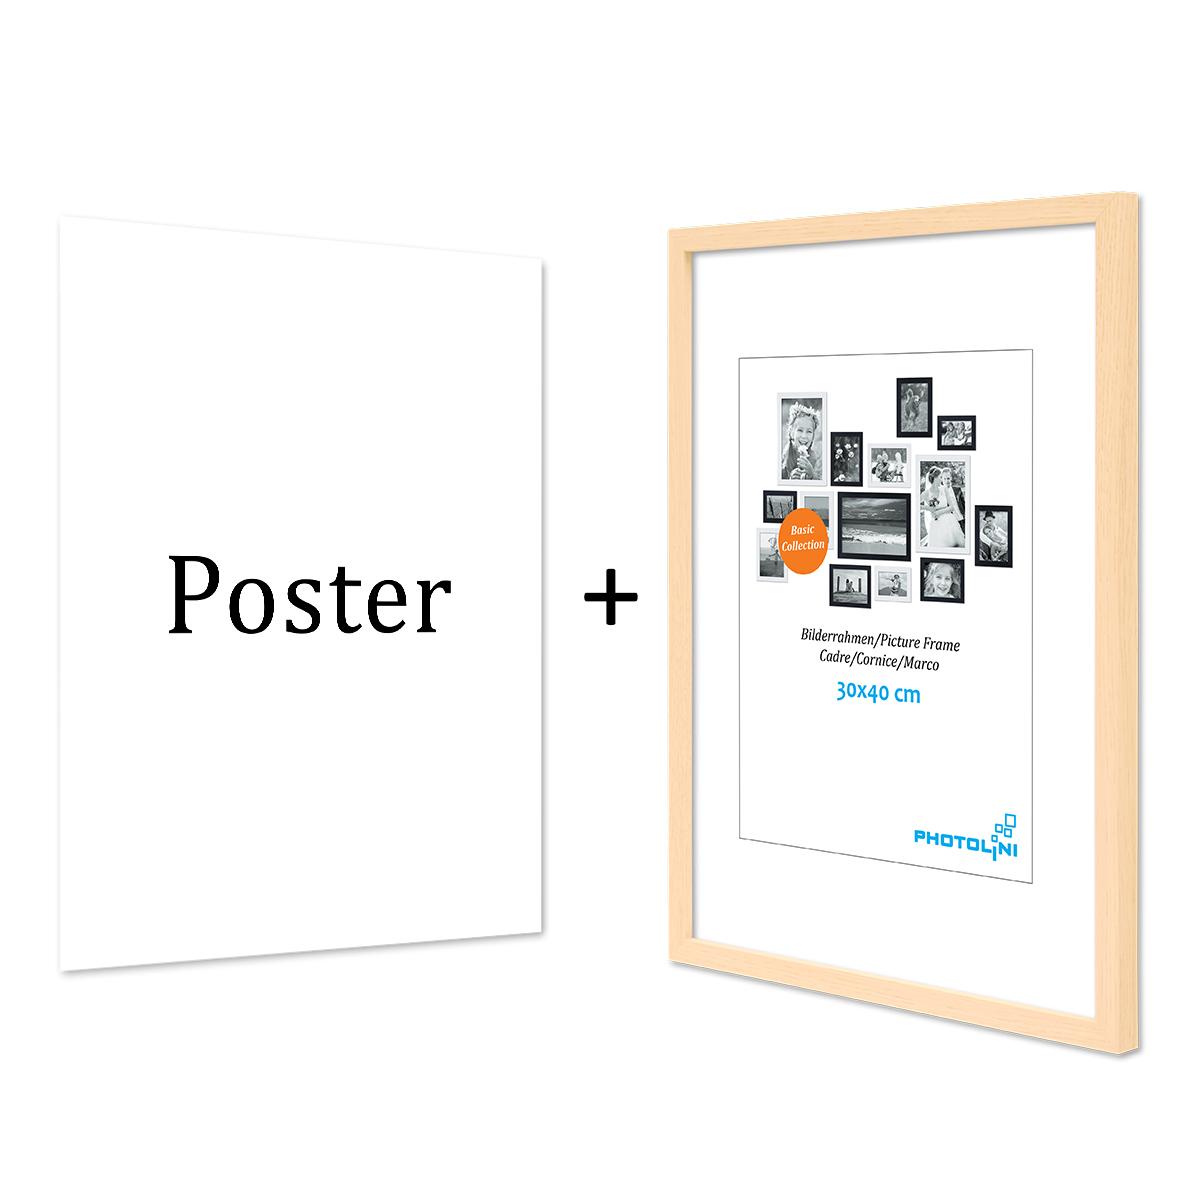 Berühmt 11x14 Rahmen In Cm Ideen - Benutzerdefinierte Bilderrahmen ...